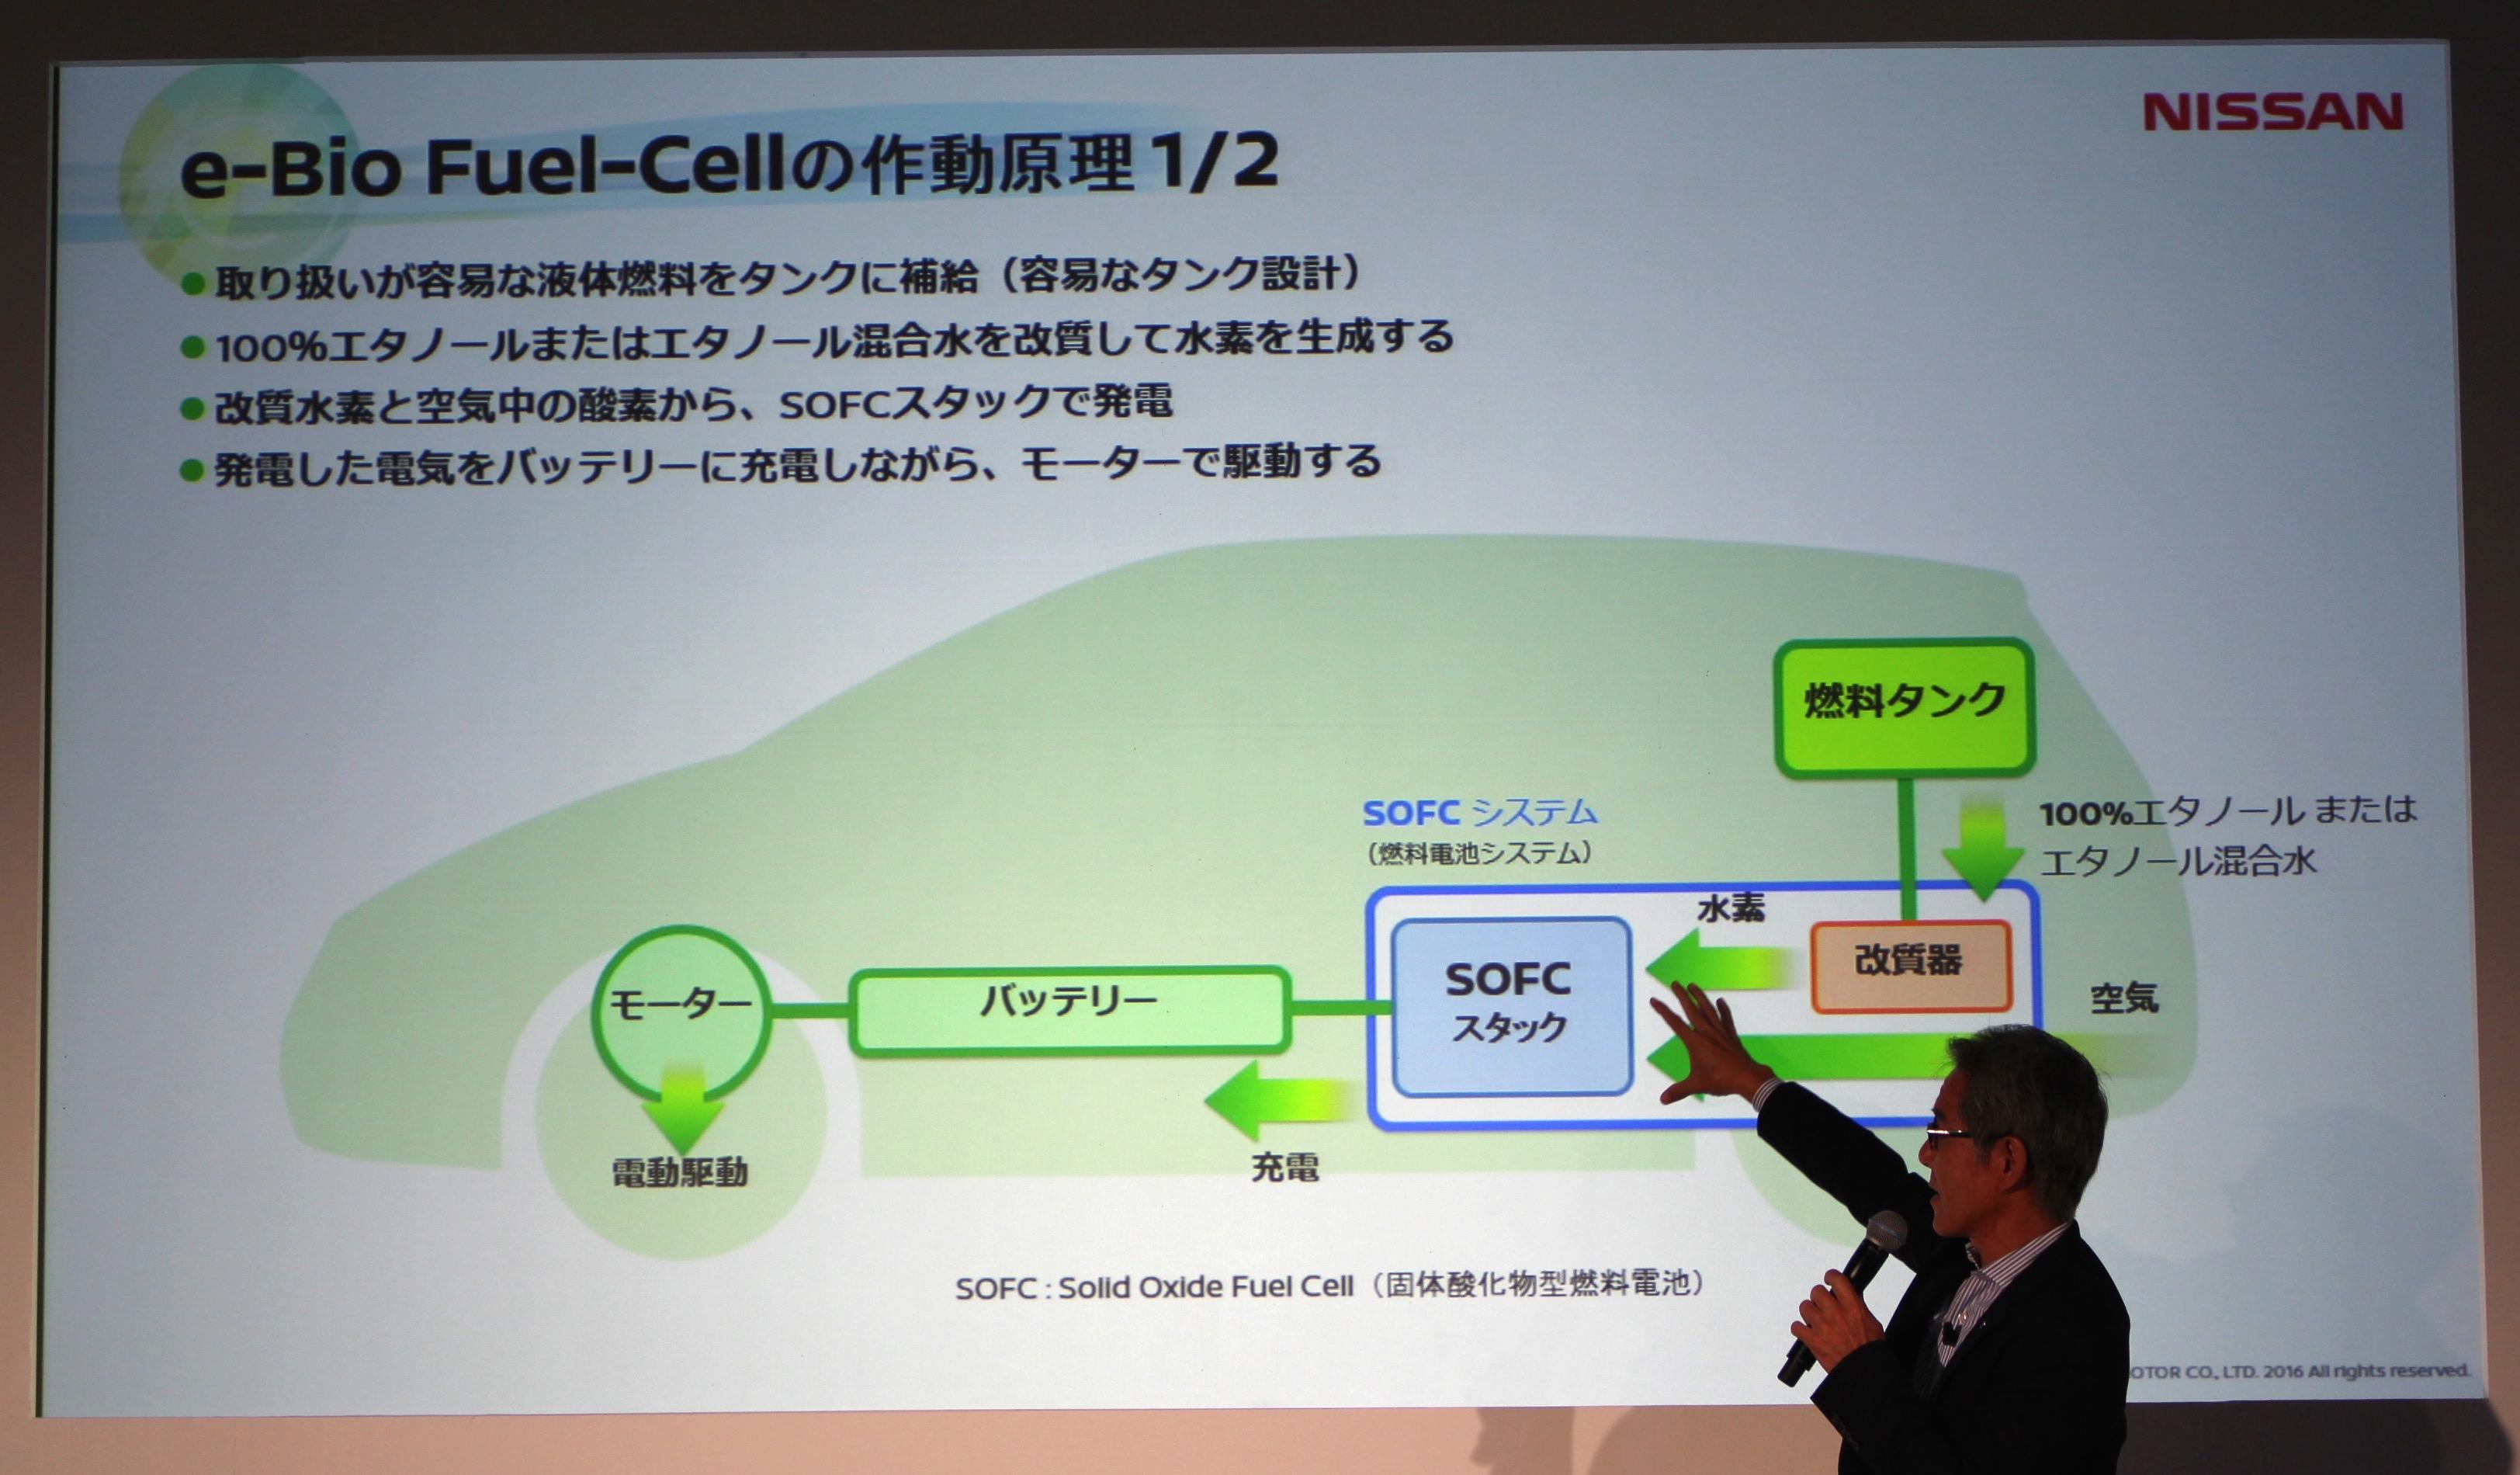 「2020年にも実用化!? バイオエタノール燃料使用の「e-Bio Fuel-Cell」技術」の6枚目の画像